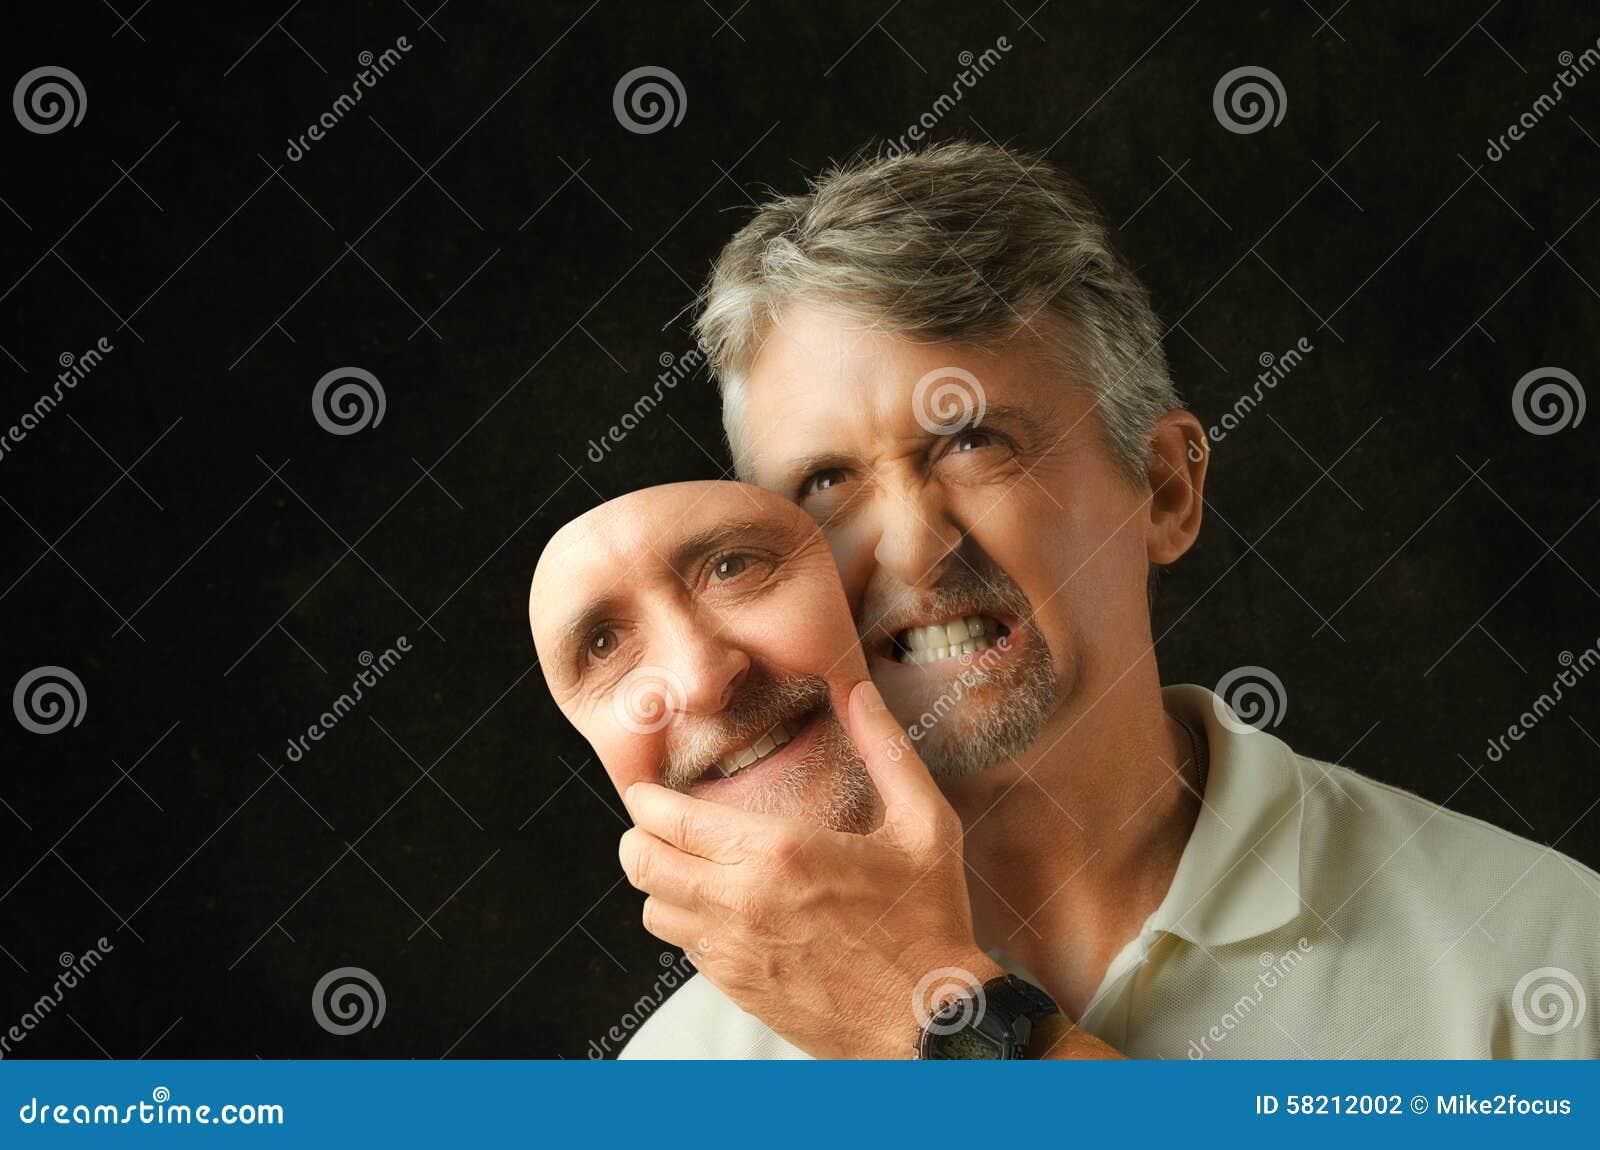 Διπολικό συναισθηματικό άτομο αναταραχής με την πλαστή μάσκα χαμόγελου